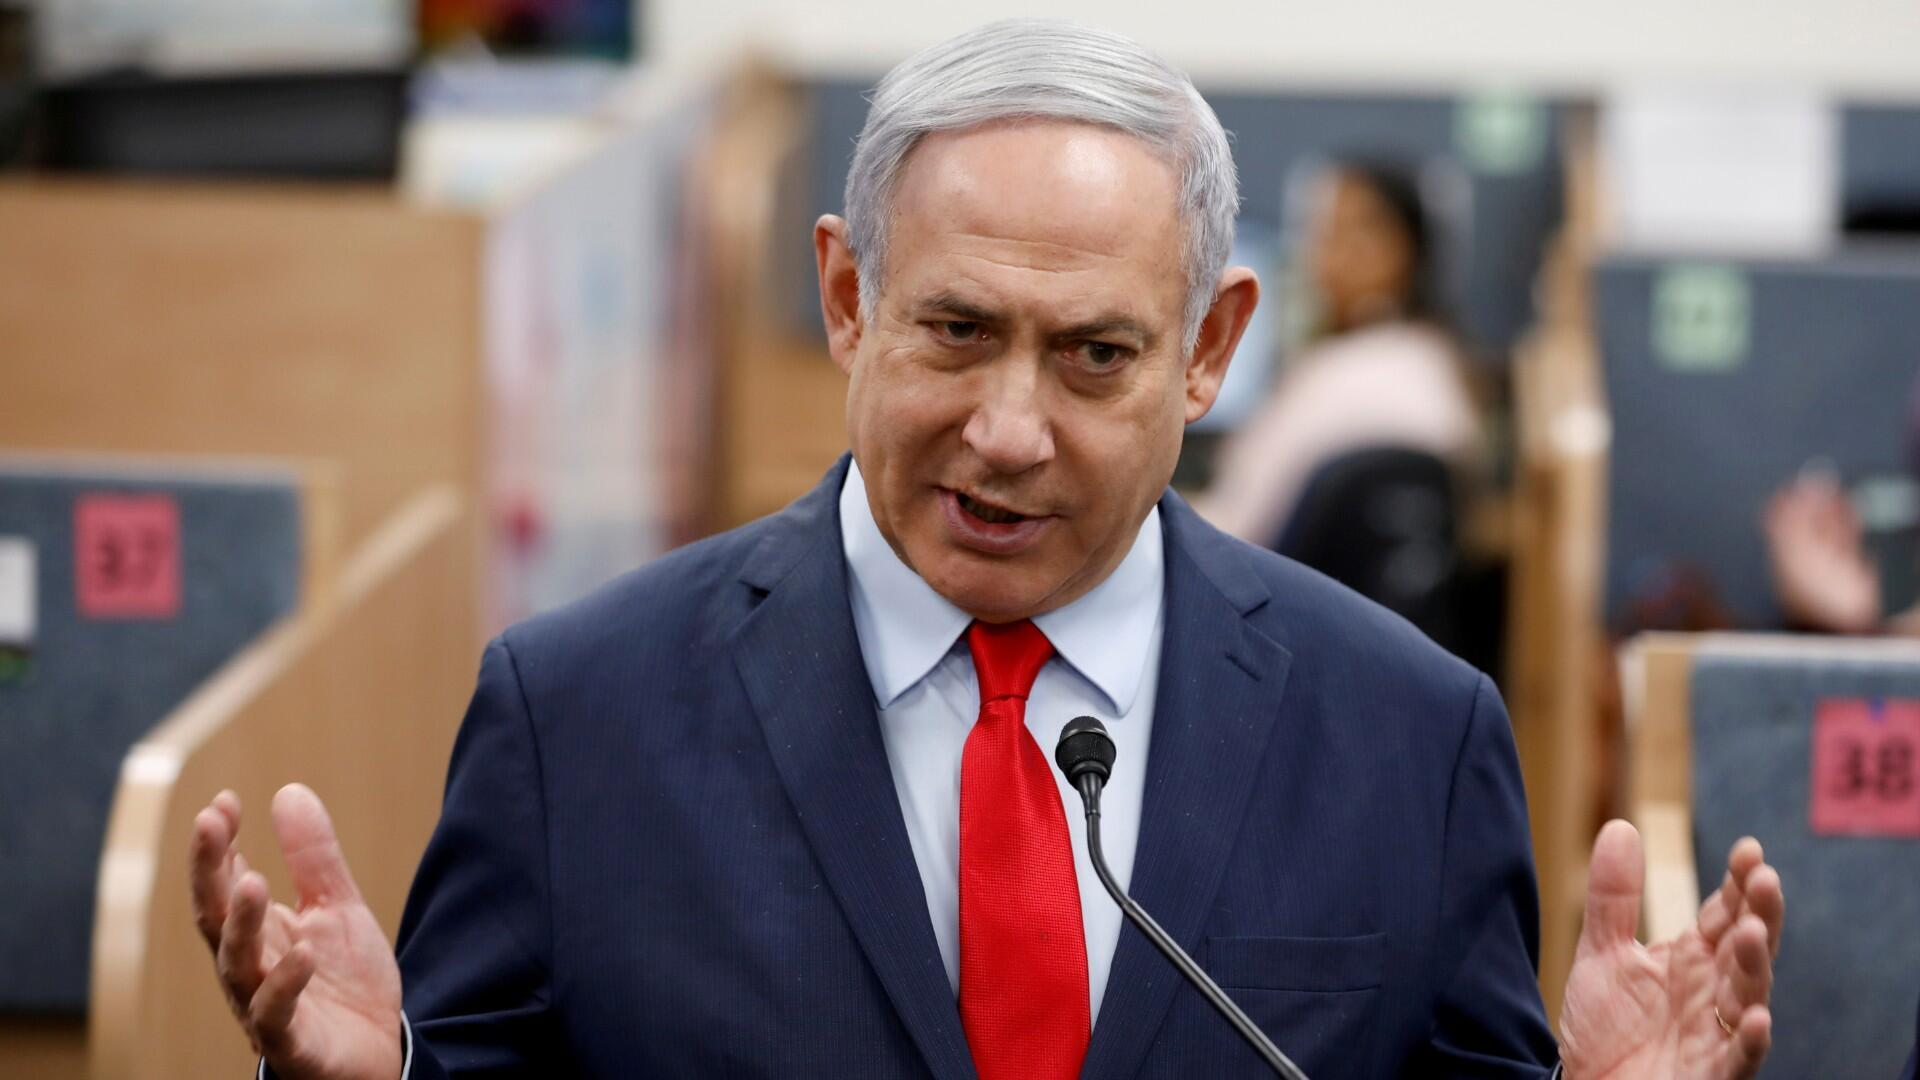 El primer ministro israelí, Benjamin Netanyahu, hace un gesto mientras hace una declaración durante su visita a la línea directa nacional del Ministerio de Salud, en Kiryat Malachi, Israel, el 1 de marzo de 2020.